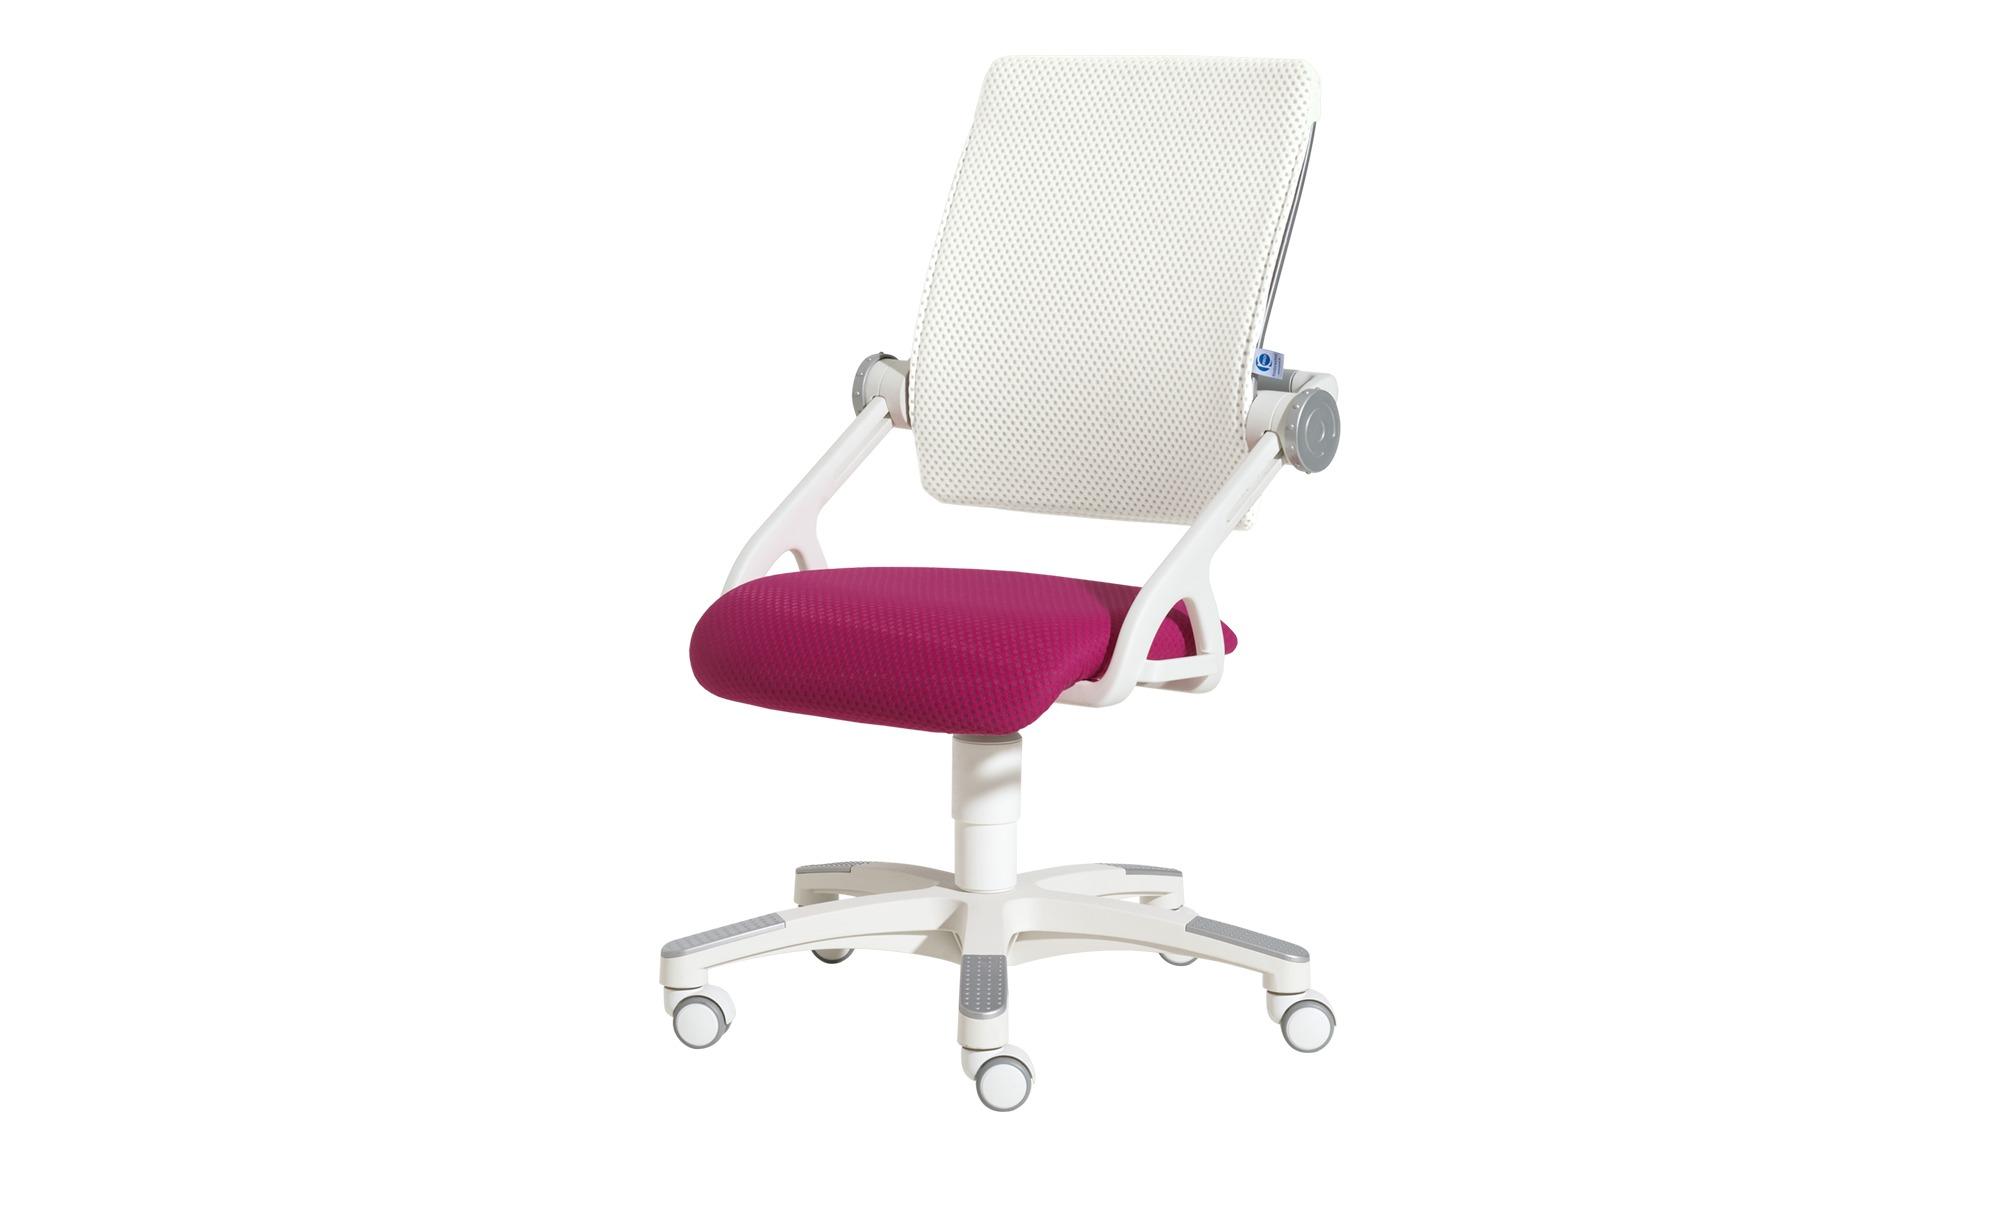 PAIDI Kinder- und Jugenddrehstuhl  Yvo Stühle > Bürostühle > Drehstühle - Höffner | Kinderzimmer > Kinderzimmerstühle > Kinderstühle | Möbel Höffner DE